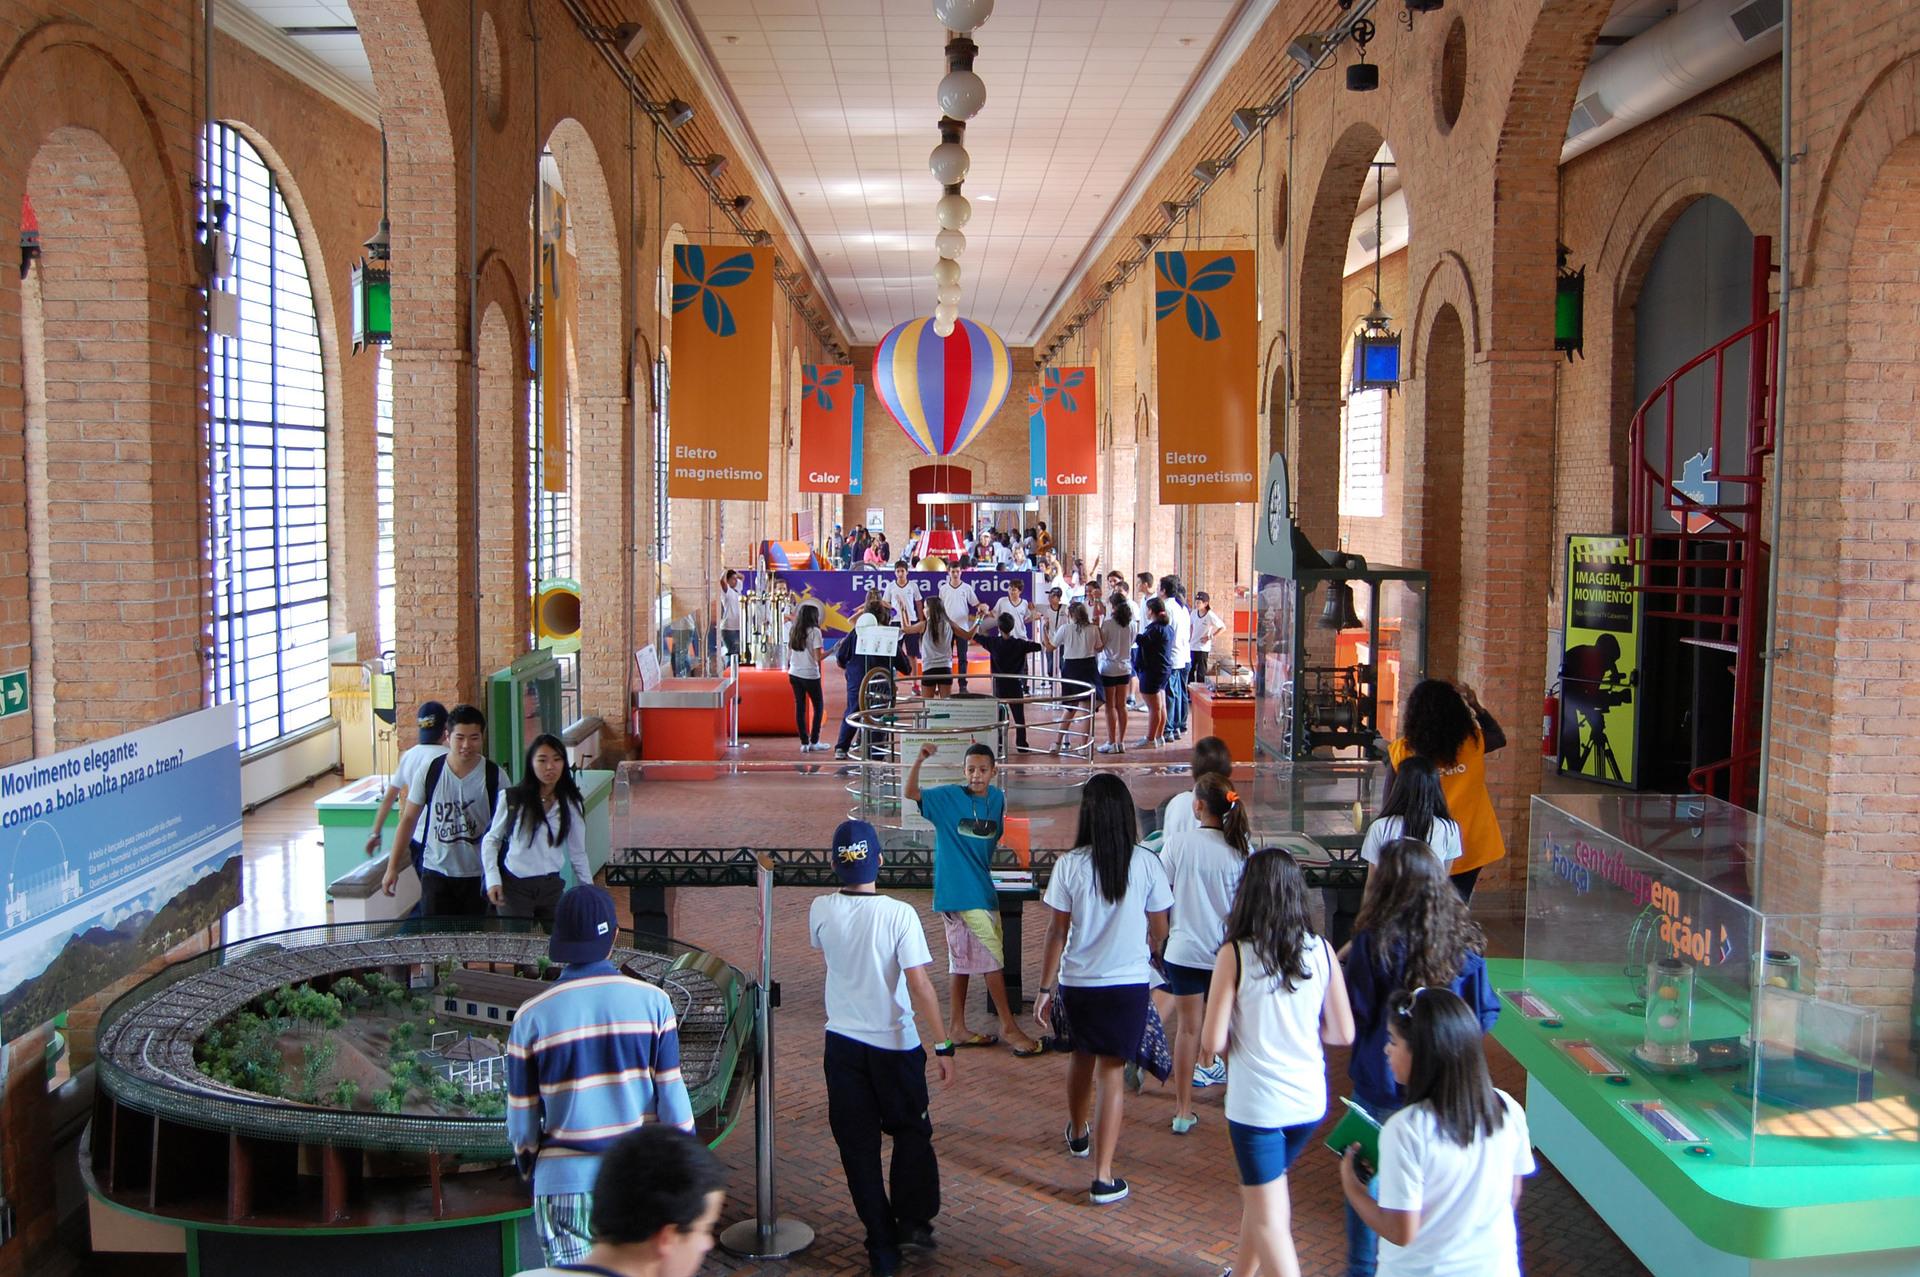 Entre 18 e 23 de outubro, o Catavento será tomado por atividades para estimular nas crianças a curiosidade pela ciência.